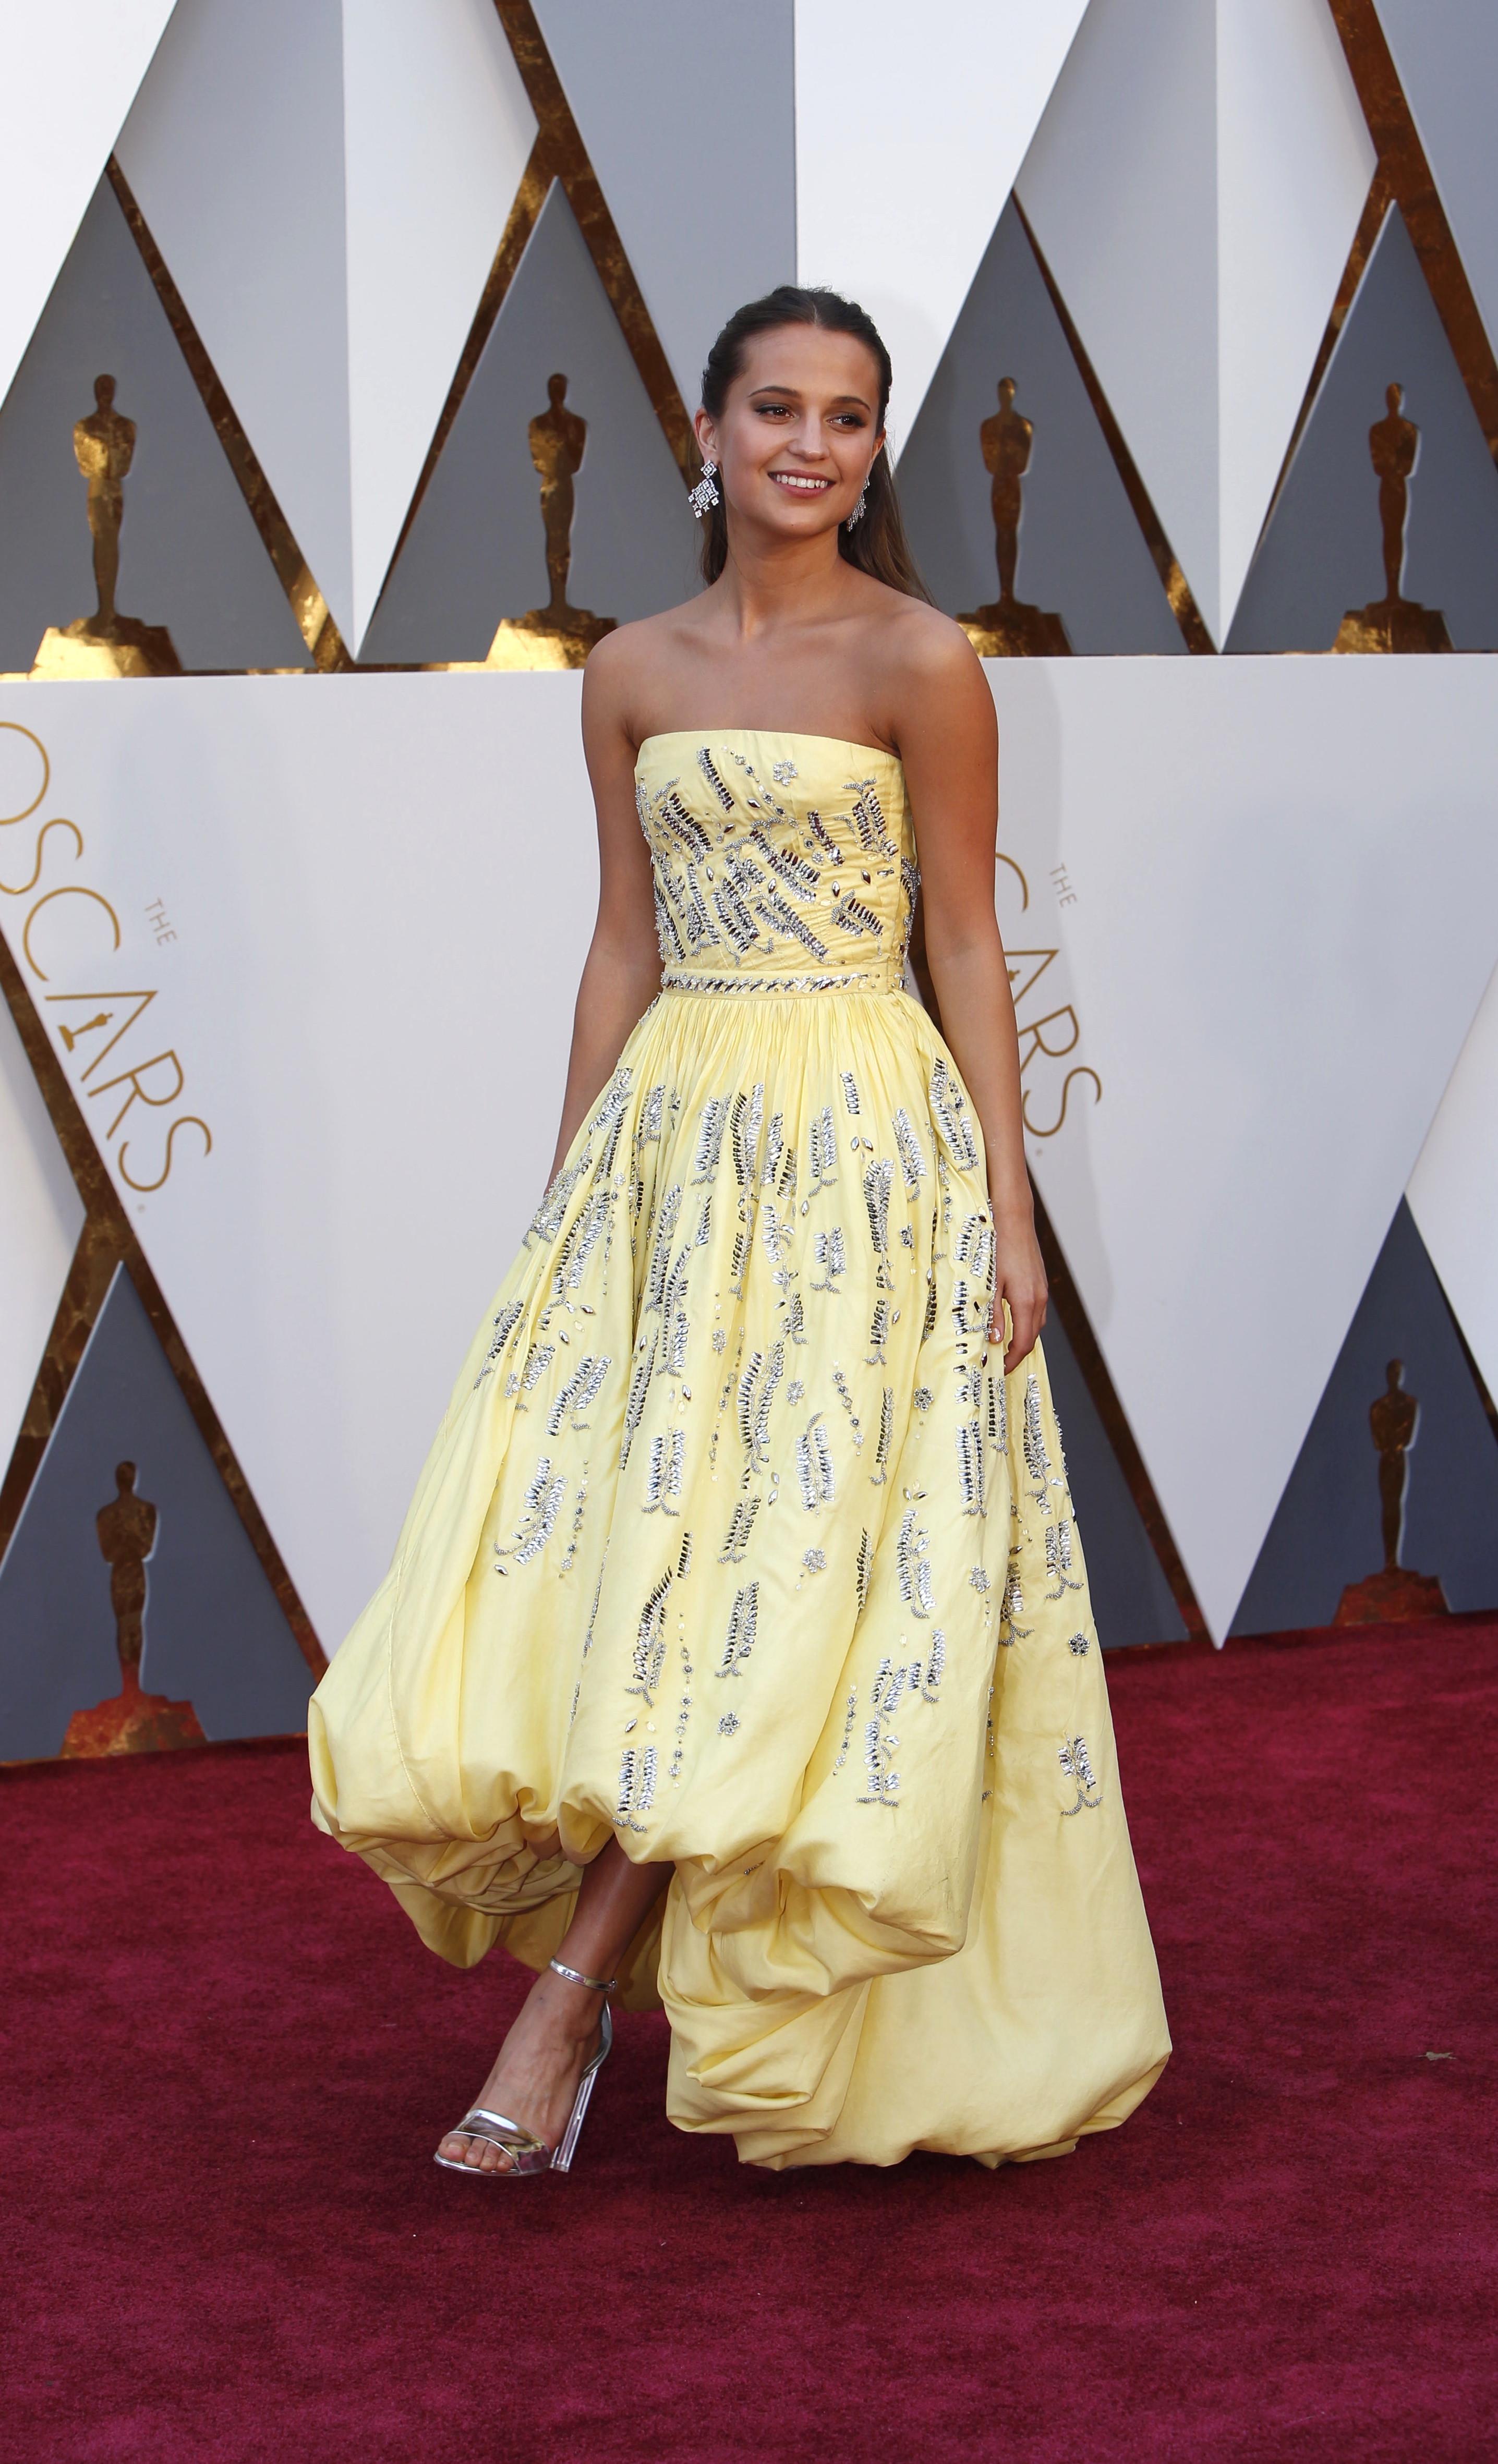 Alicia Vikander at the 88th Academy Awards.